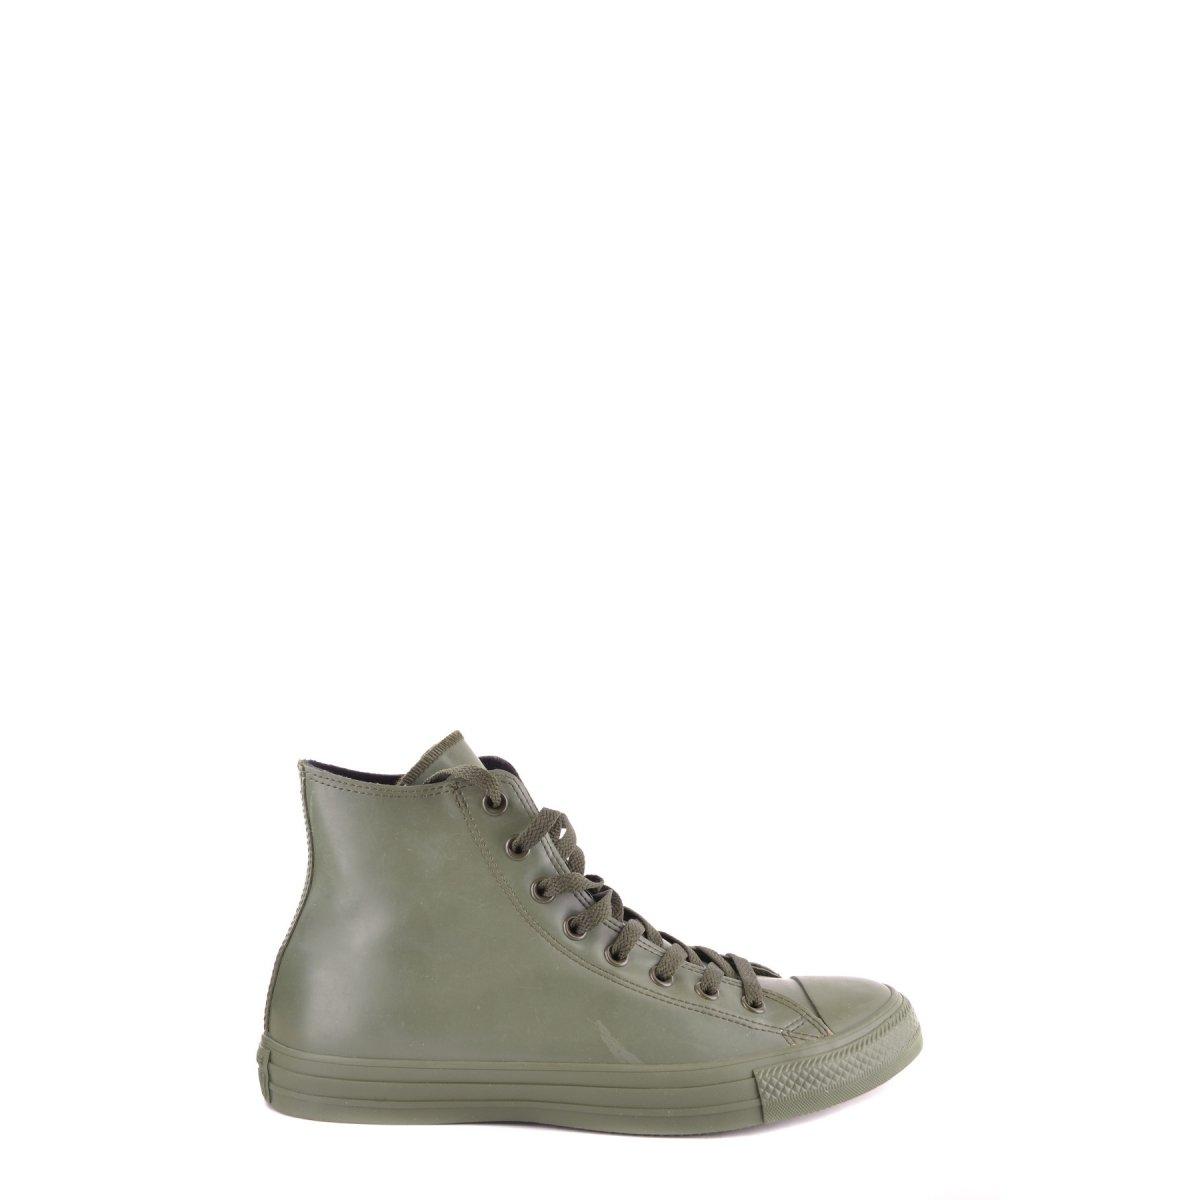 Converse Zapatillas Abotinadas 43 EU Verde En línea Obtenga la mejor oferta barata de descuento más grande